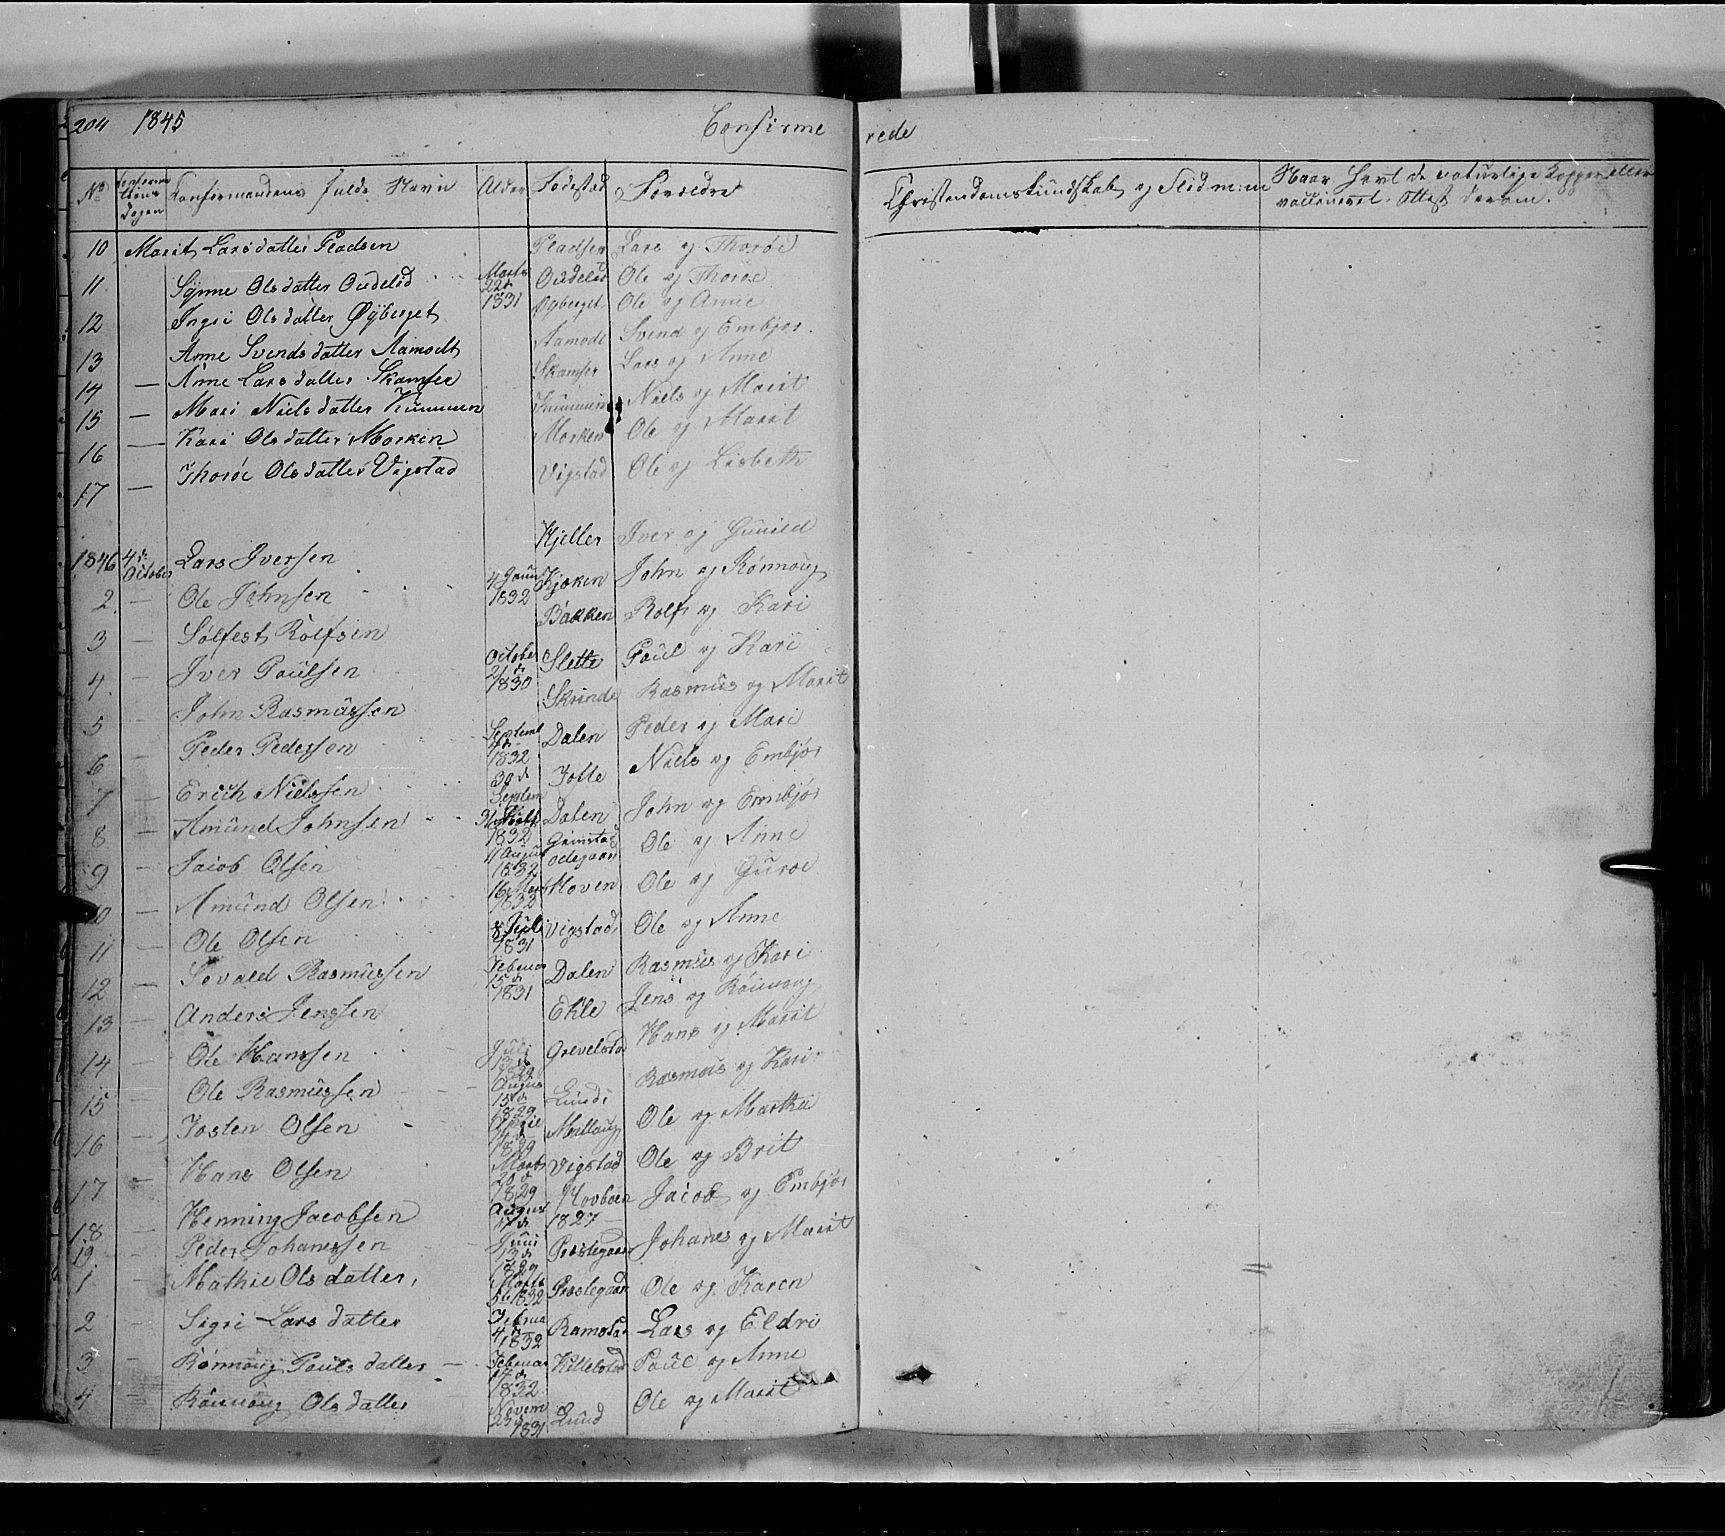 SAH, Lom prestekontor, L/L0004: Klokkerbok nr. 4, 1845-1864, s. 204-205